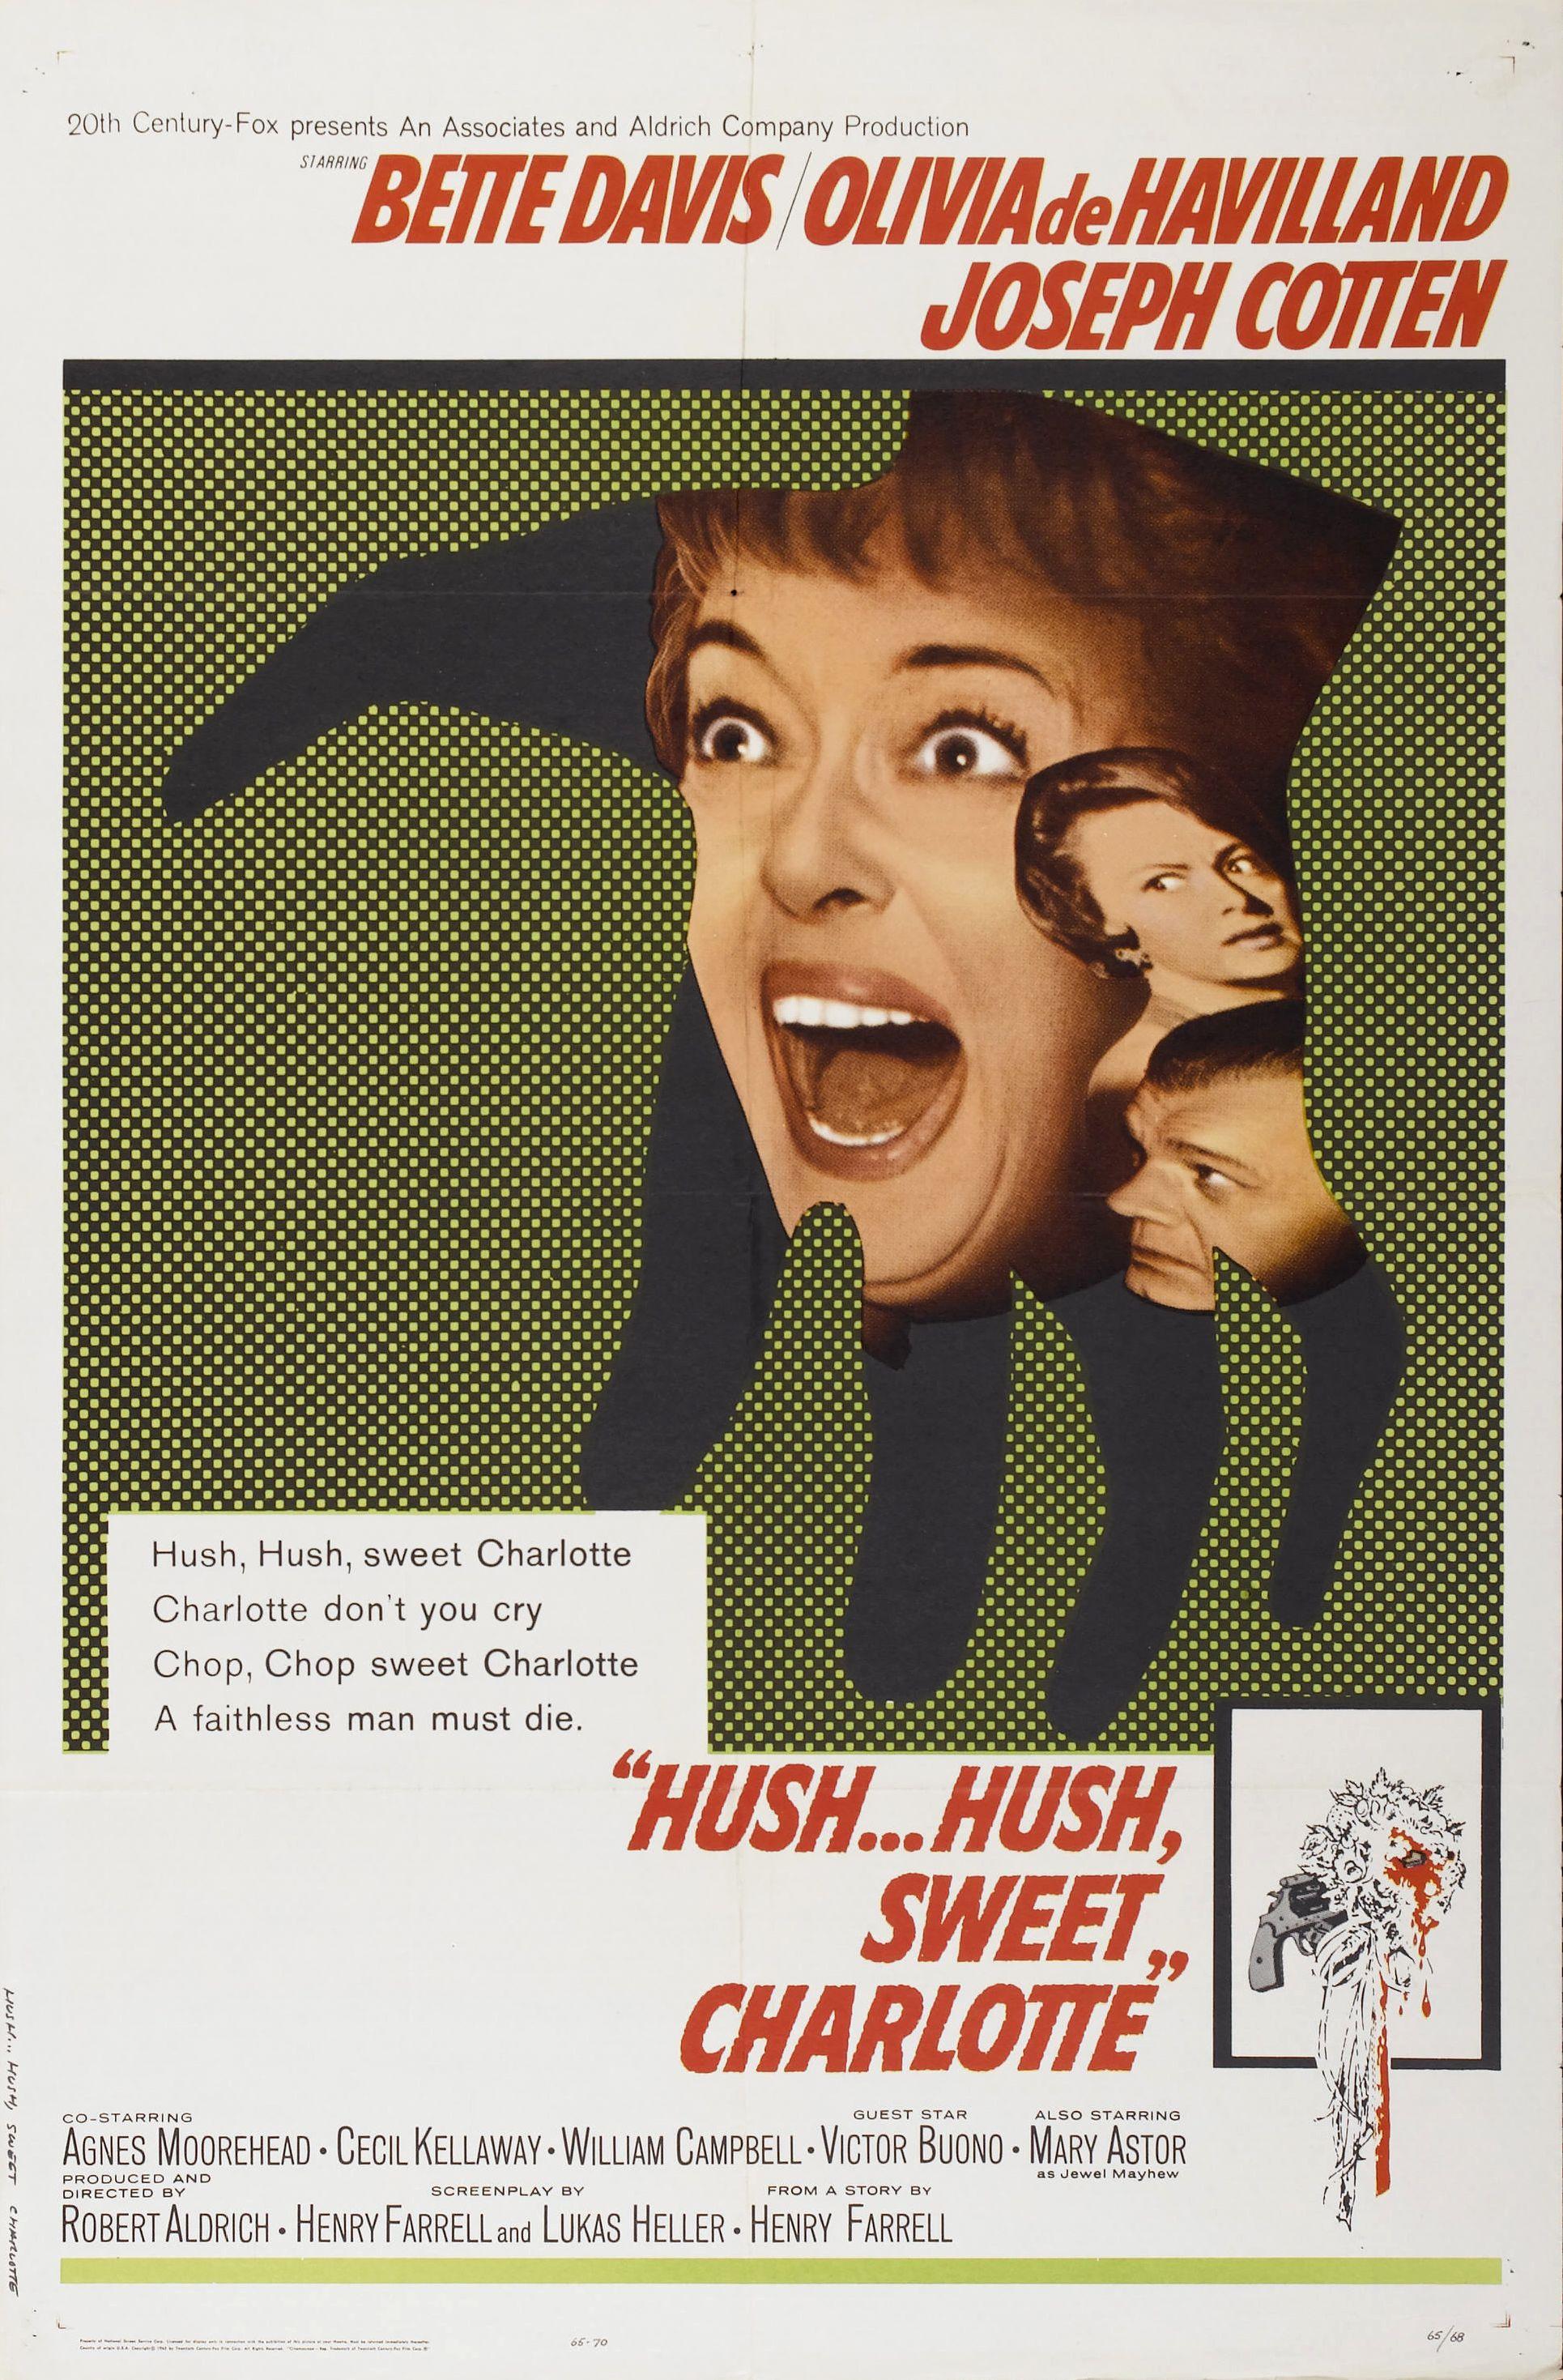 hush_hush_sweet_charlotte_poster.jpg